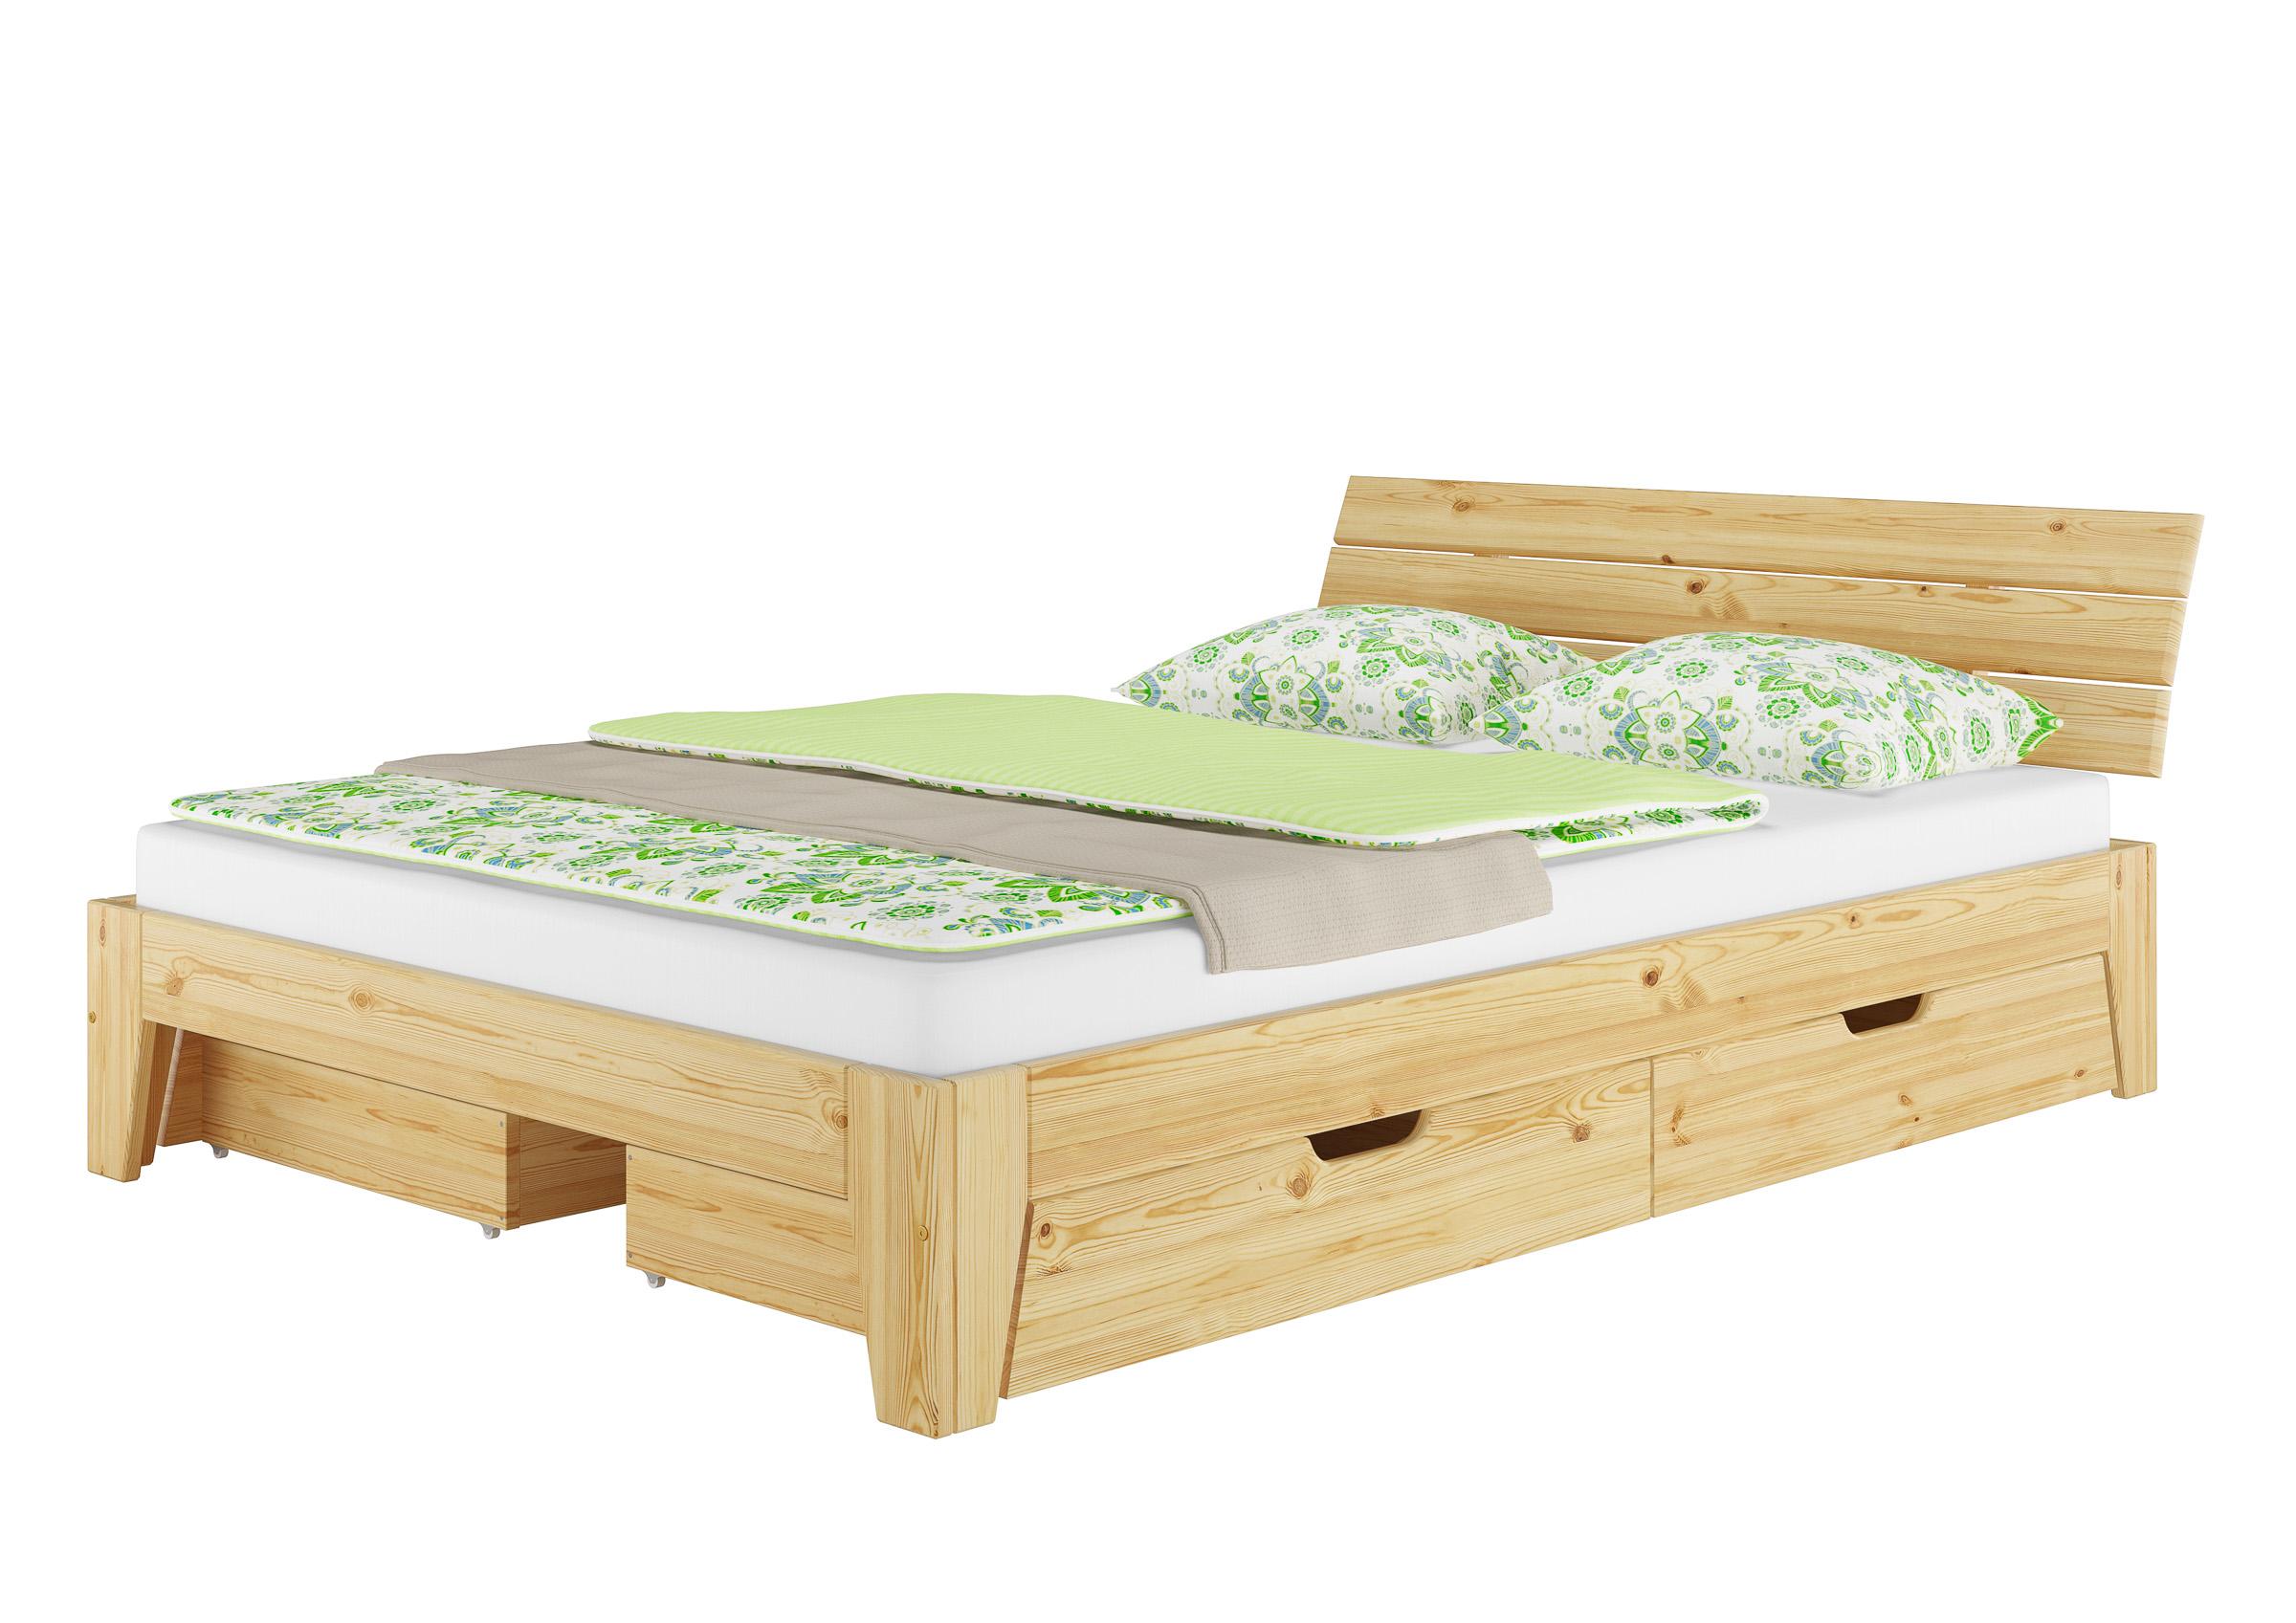 Details Zu Massivholz Bett 140x200 Mit Rollrost Betten Naturholz Betten Aus Holz 6062 14